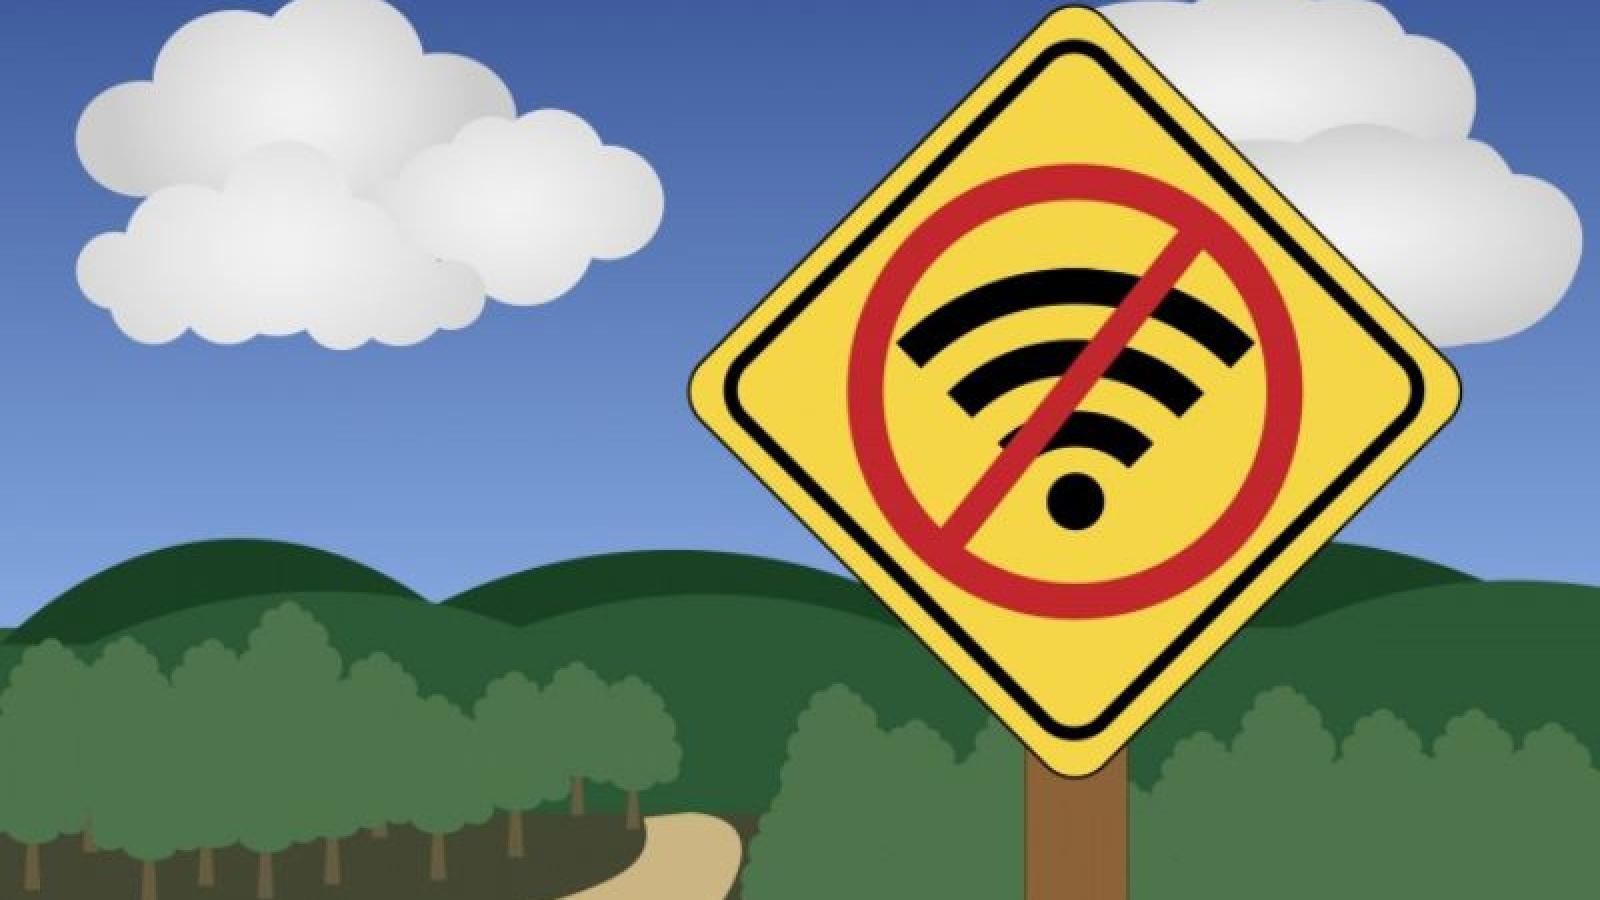 Thị trấn ở Mỹ cấm Wi-Fi, học sinh phải trả 20 USD mỗi lần học online